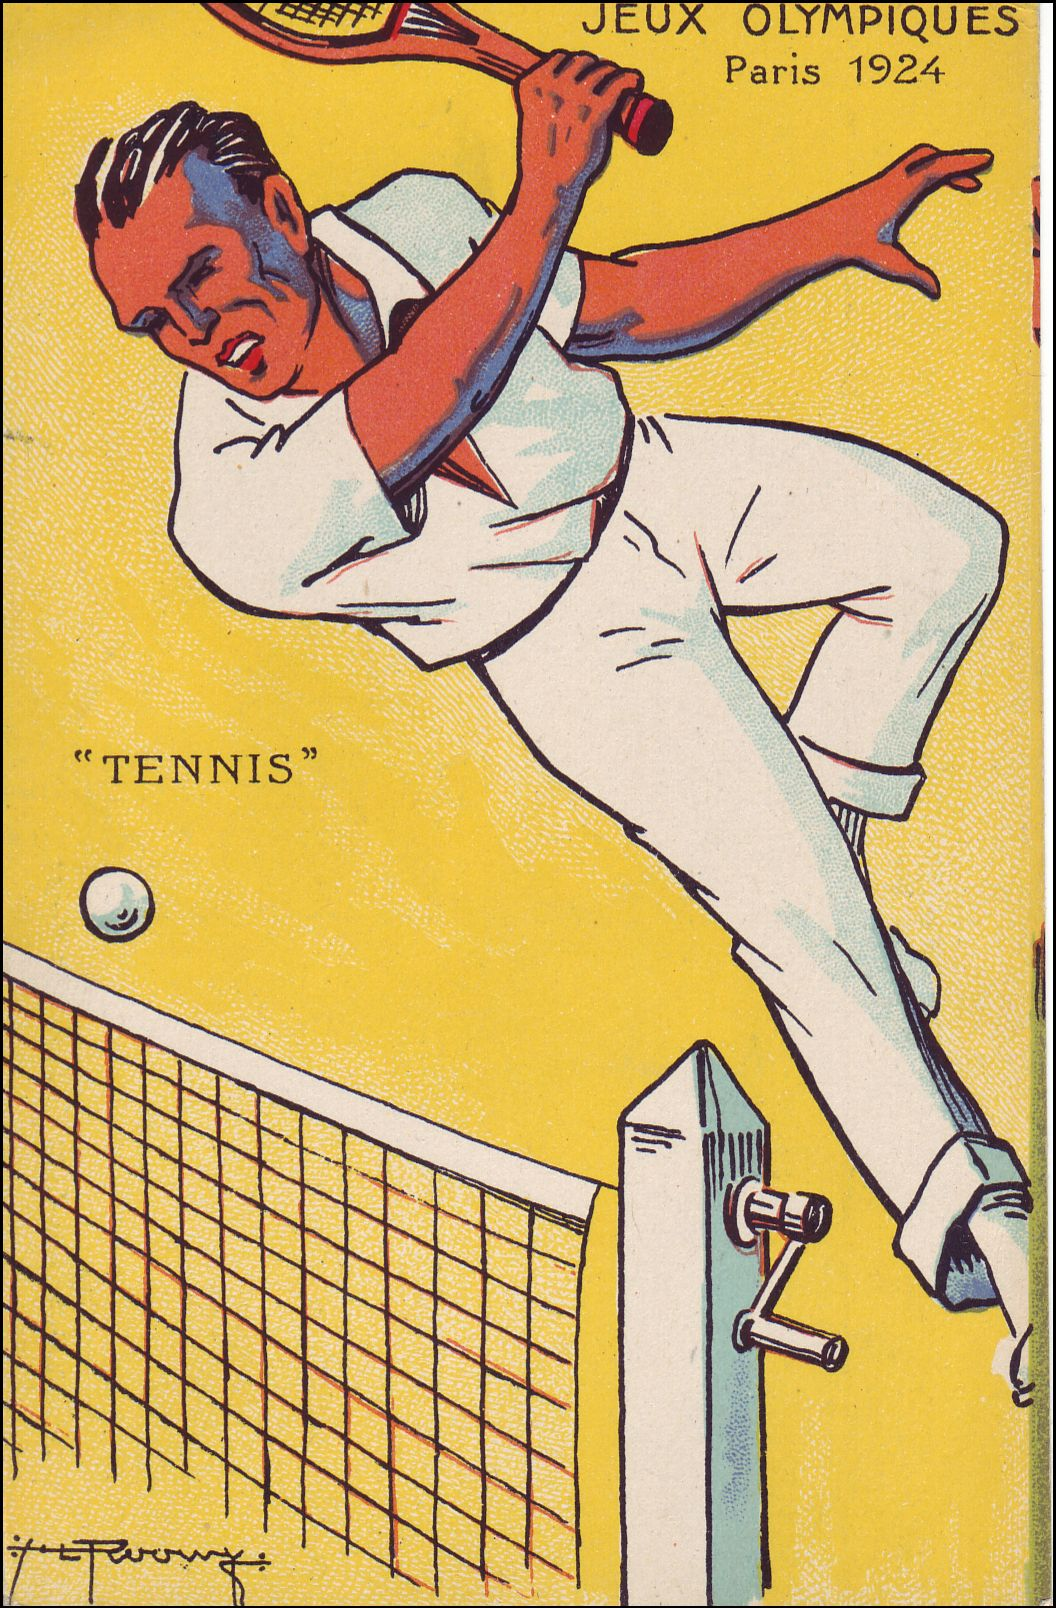 Les compétitions de tennis se déroulent au stade de Colombes sur des courts en terre battue.